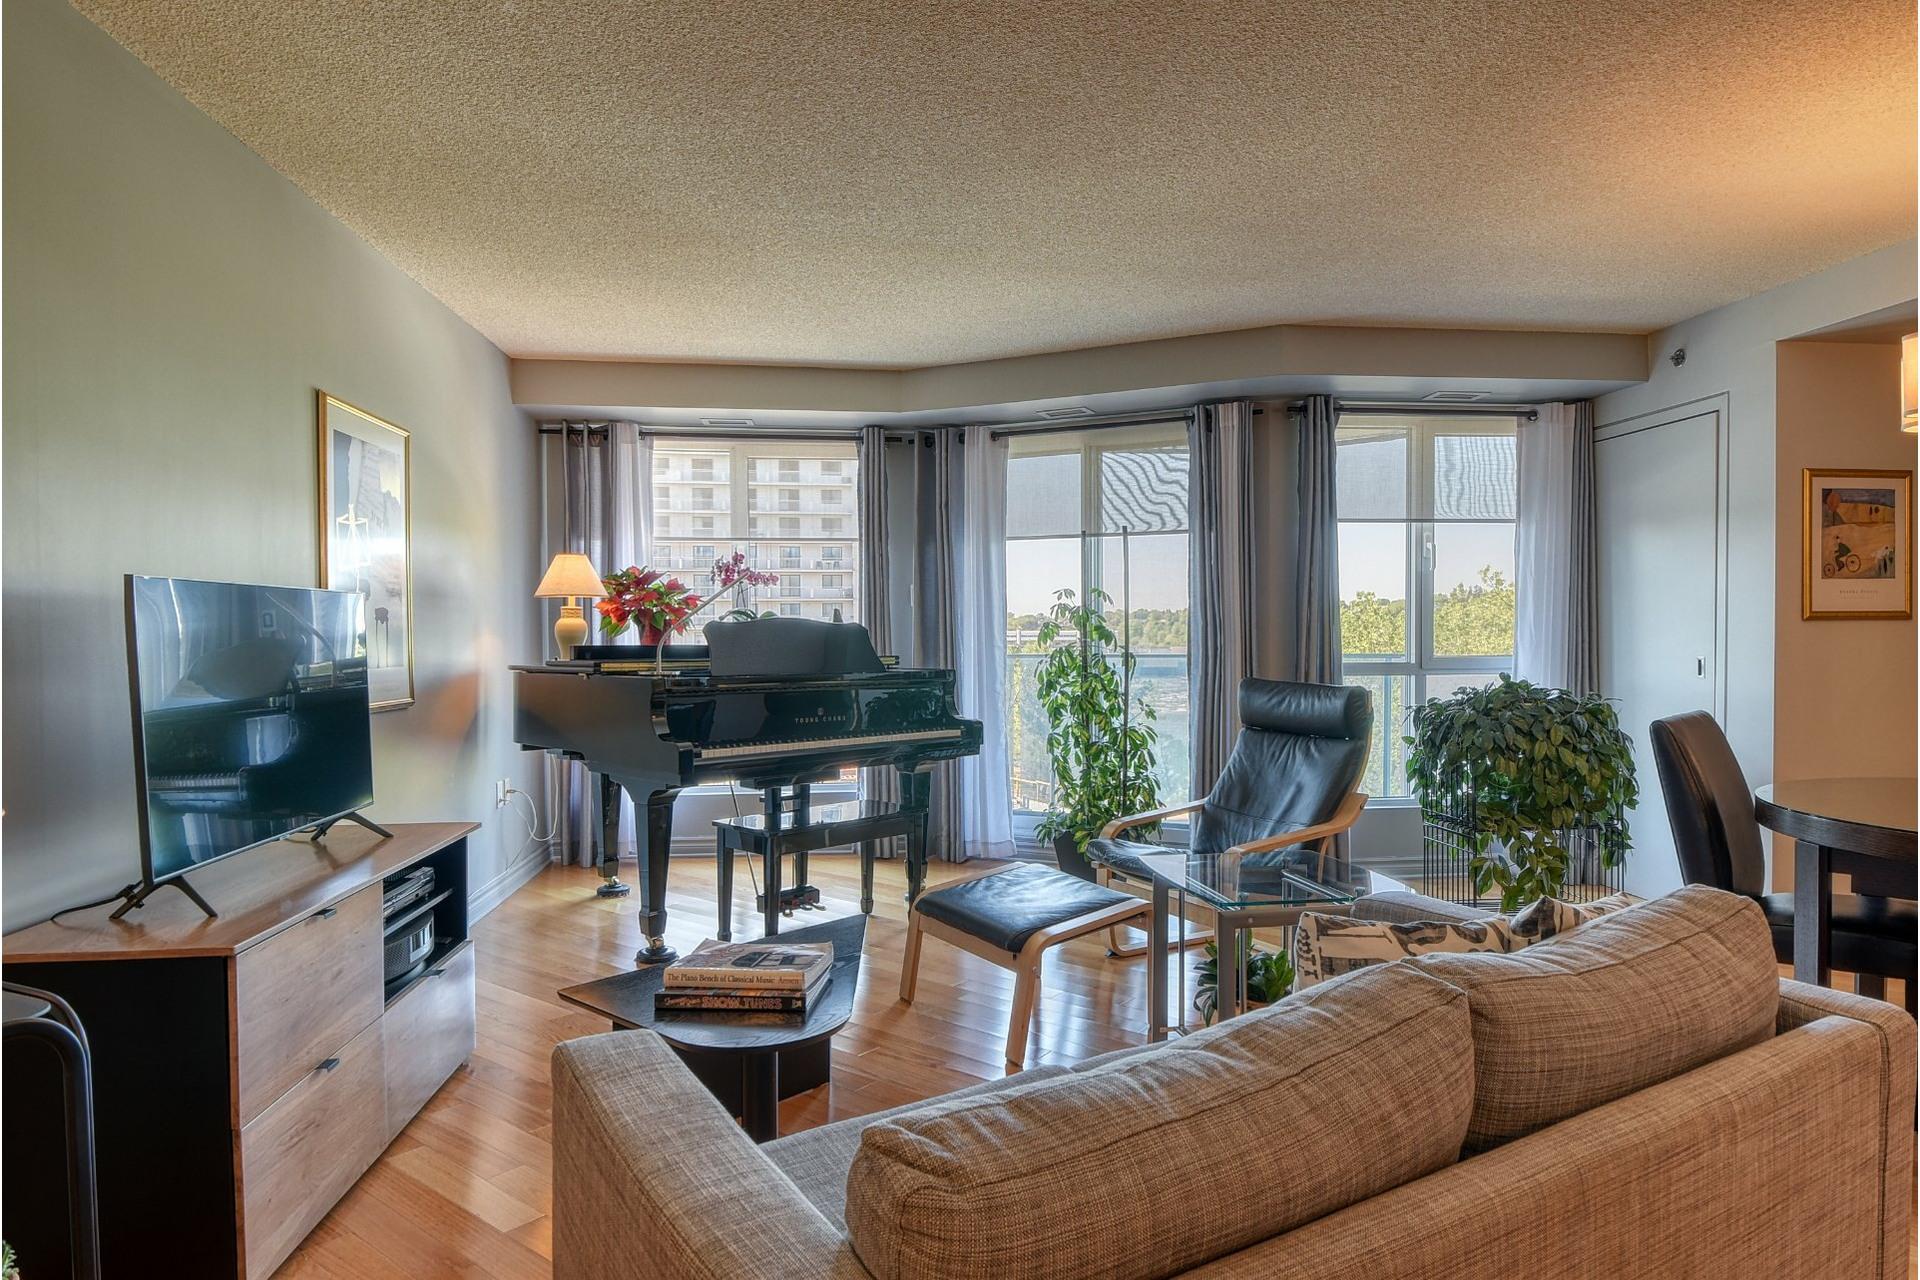 image 0 - Appartement À vendre Montréal-Nord Montréal  - 4 pièces